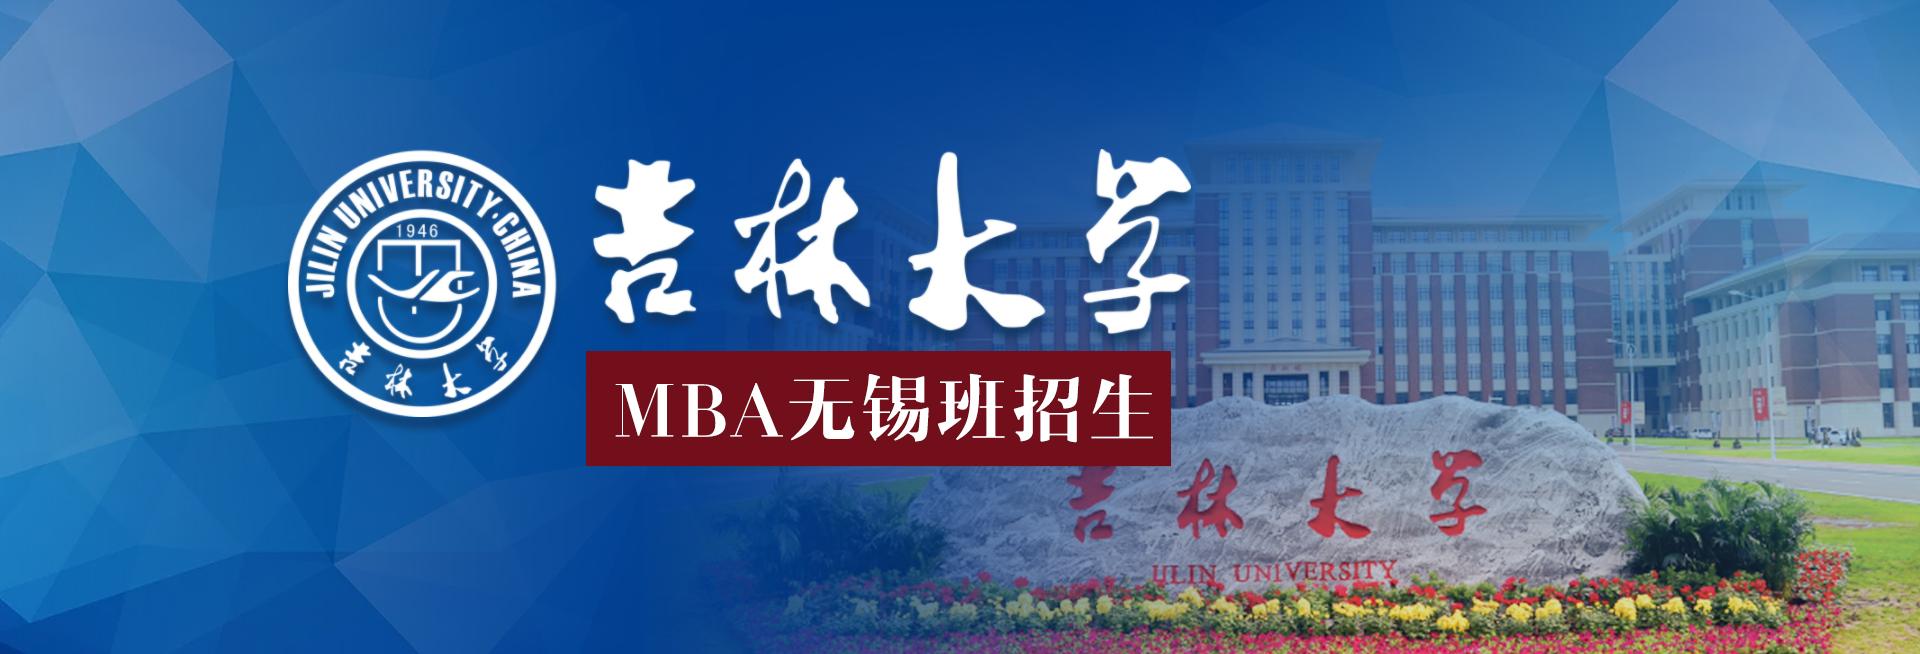 吉林大学MBA苏州班招生